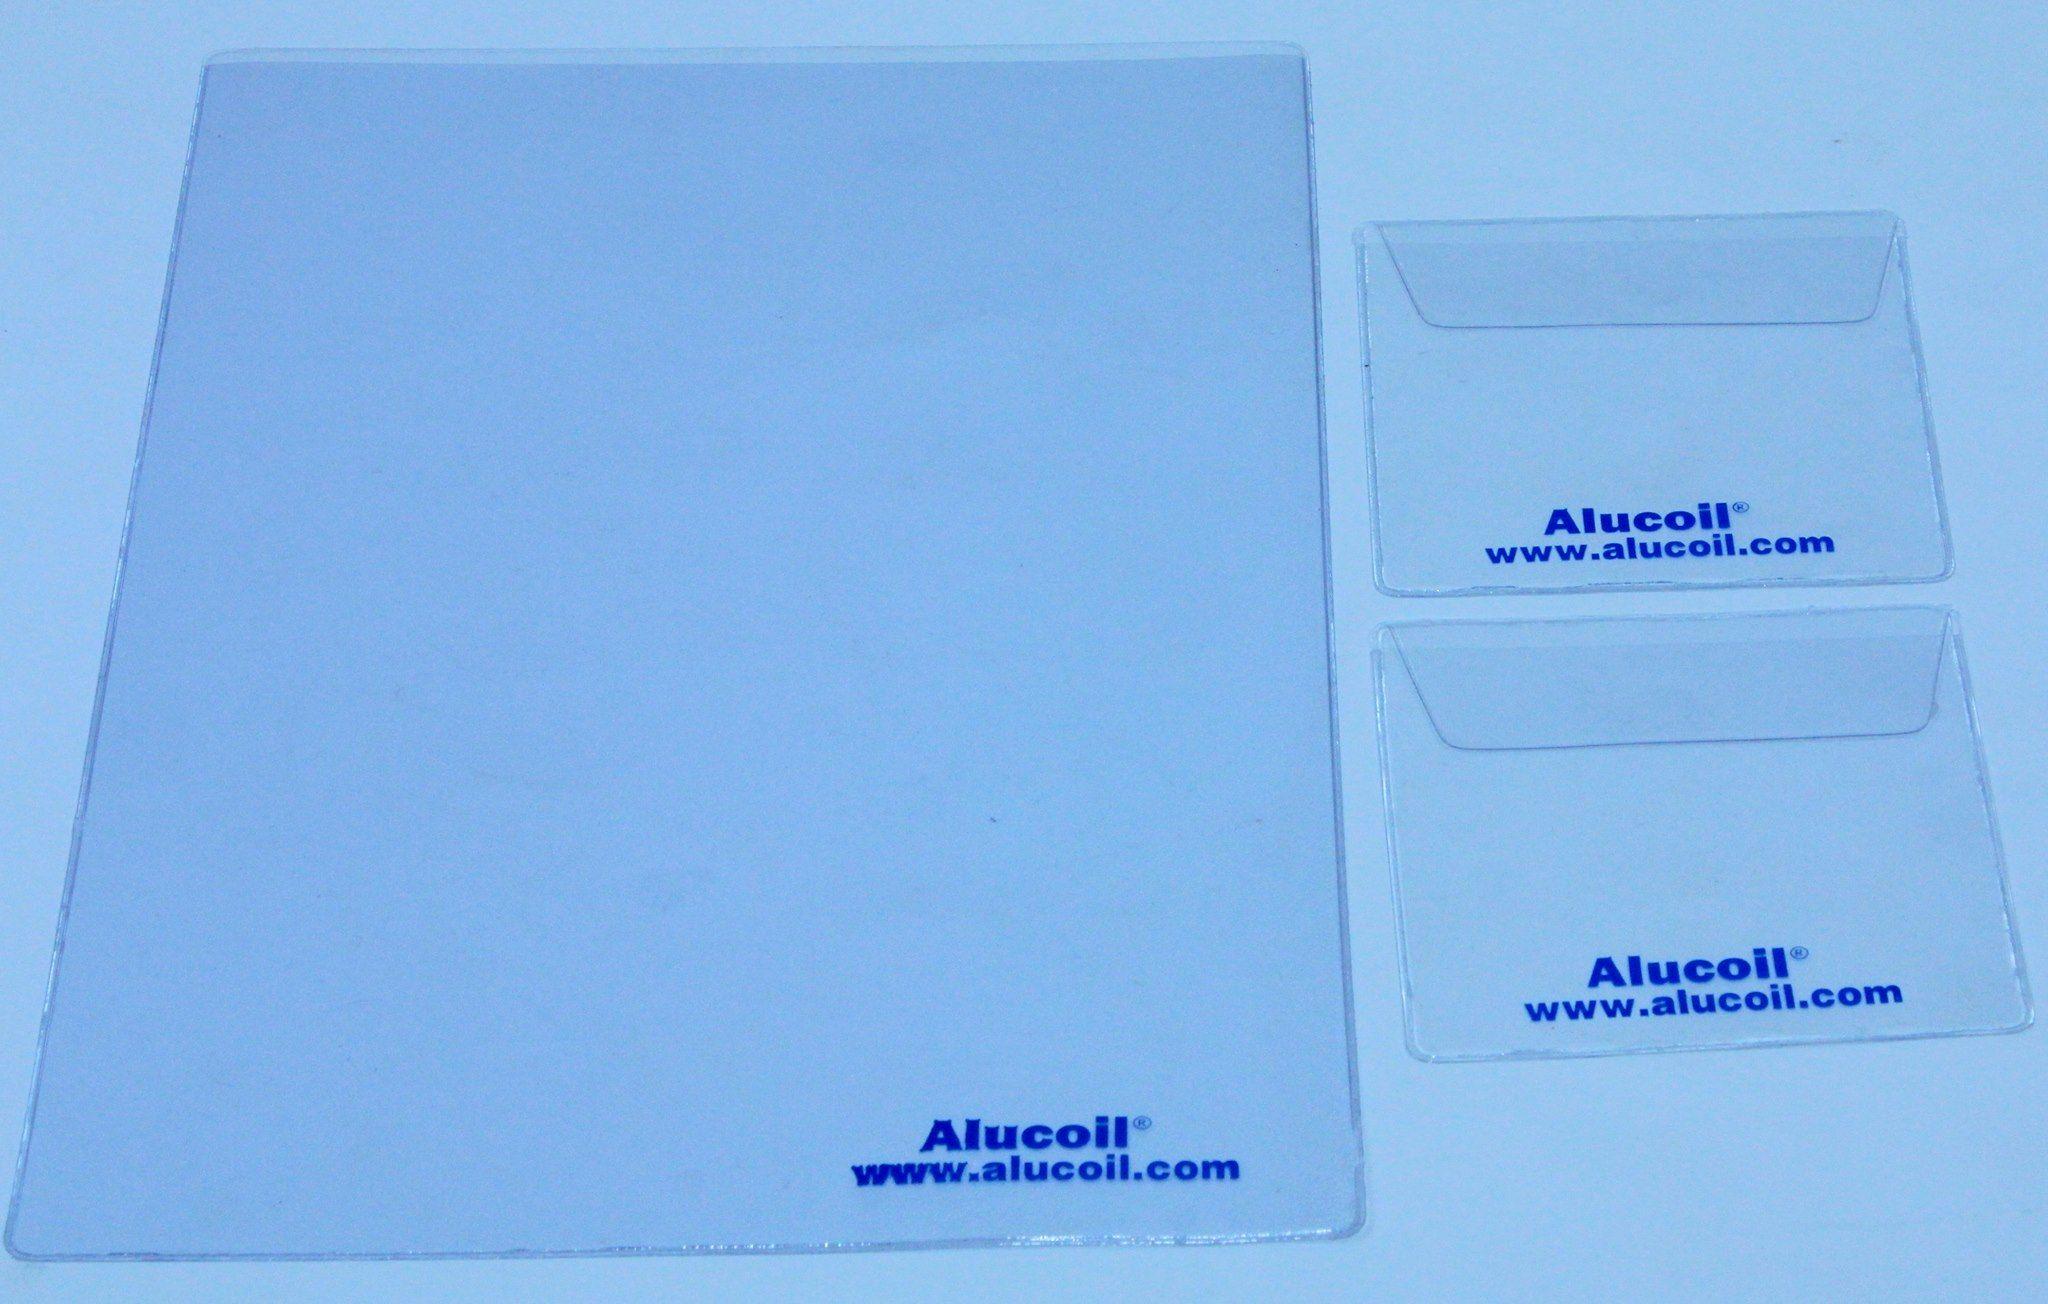 Última entrega para la multinacional Alucoil del Grupo Aliberico , unas #fundas #personalizadas .